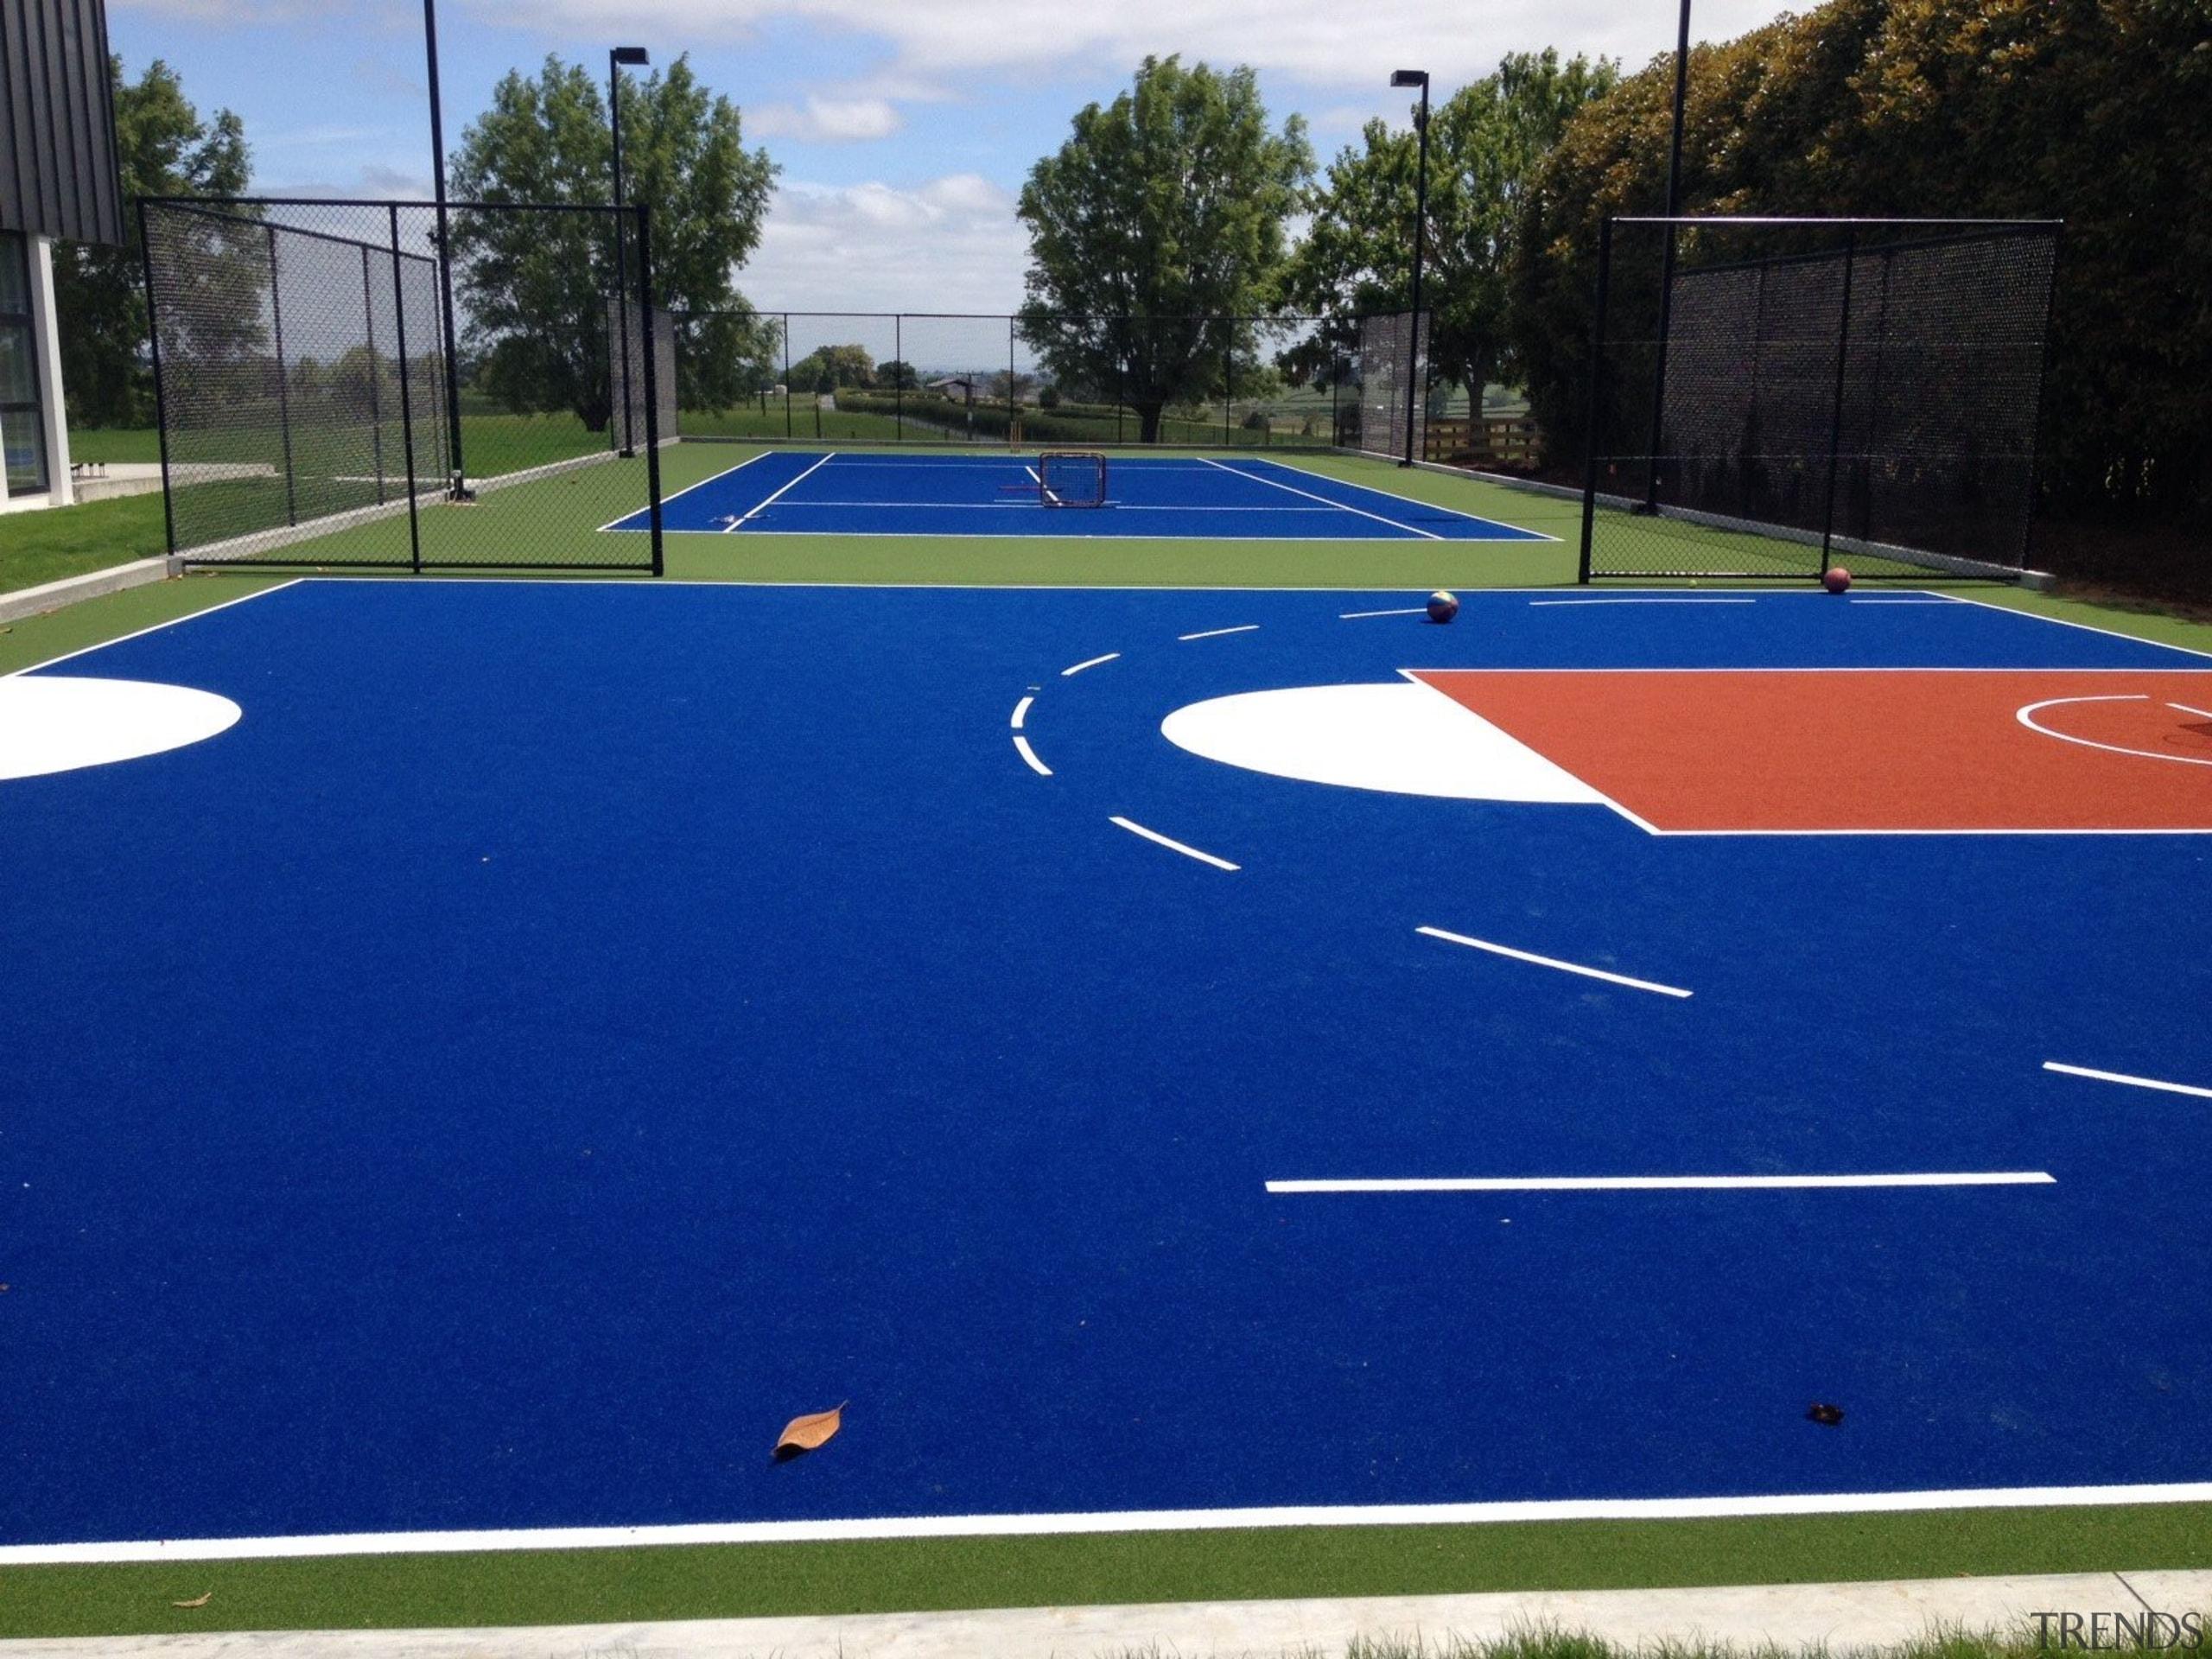 Sport - artificial turf   asphalt   grass artificial turf, asphalt, grass, leisure, line, net, plant, playground, public space, sport venue, sports, structure, blue